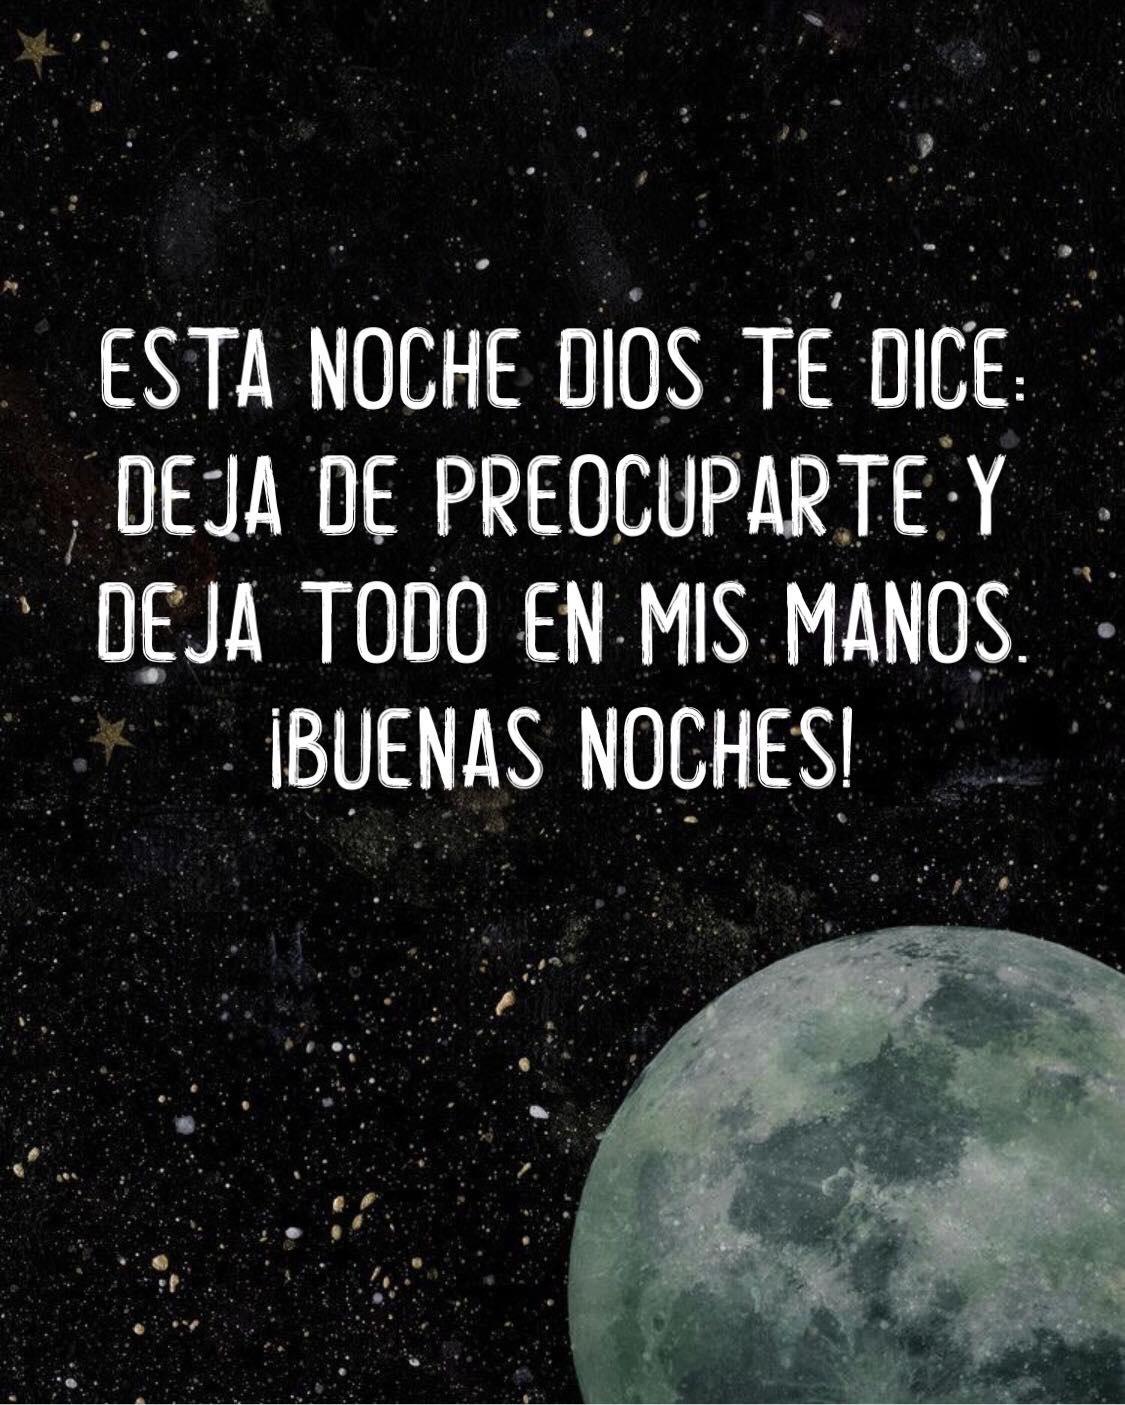 Esta noche Dios te dice: Deja de preocuparte y deja todo en mis manos